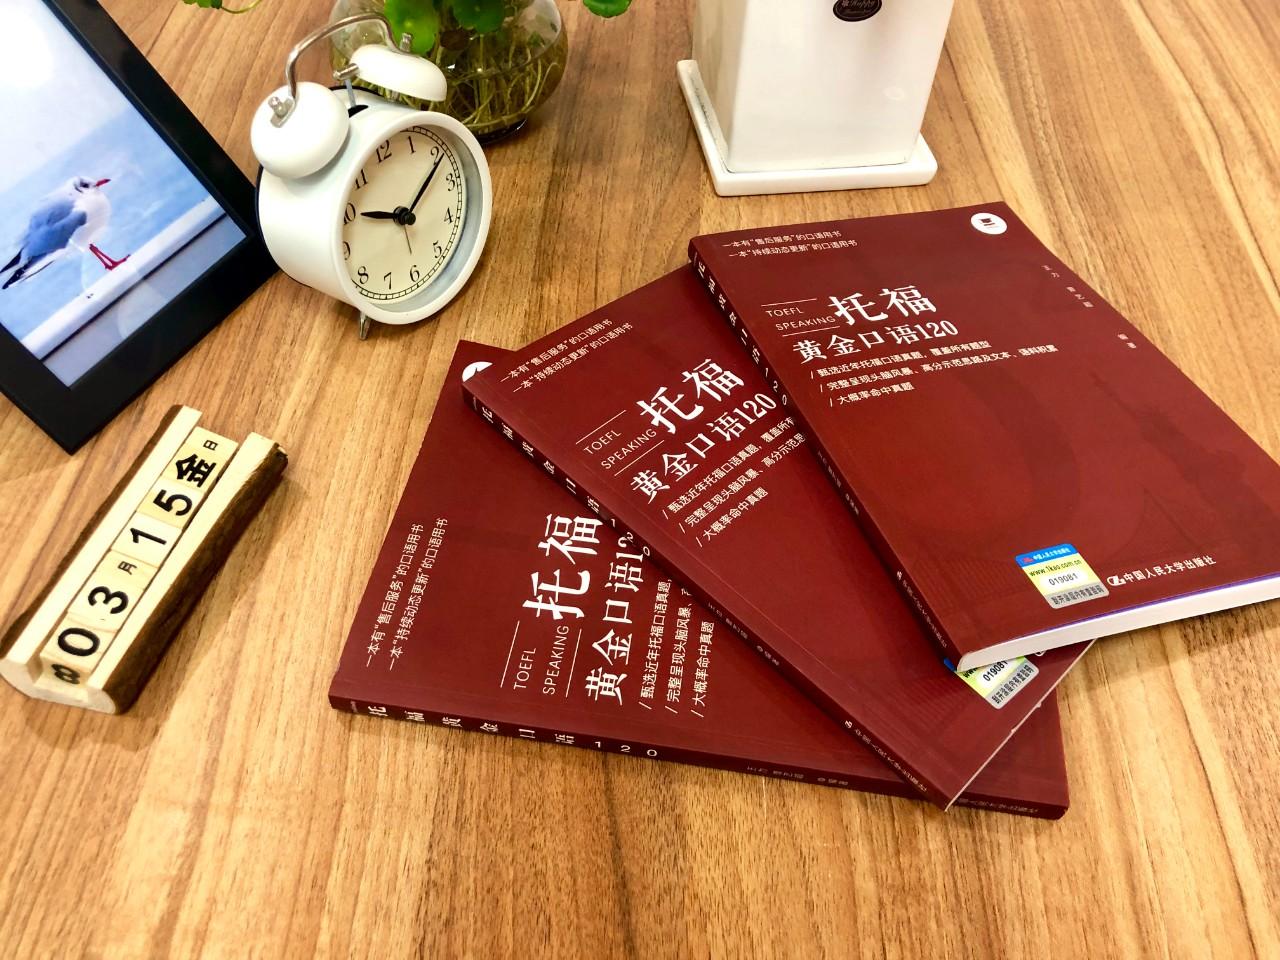 跟踪了170场托福真题后,我们出版了这本托福口语真题合集-托福黄金口语120